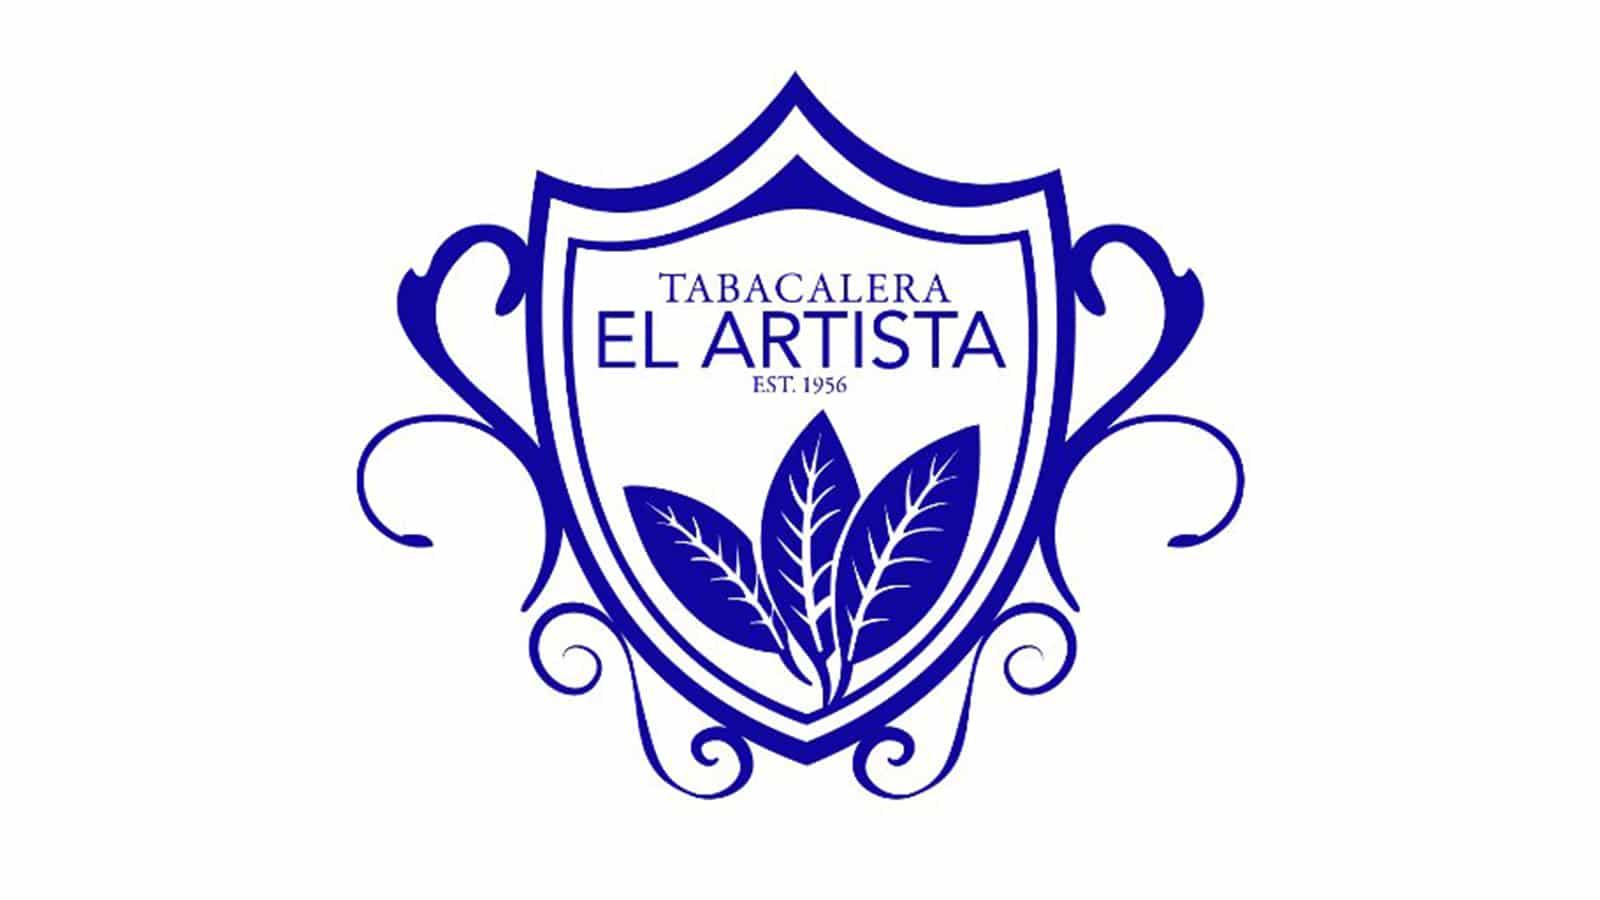 El Artista Logo